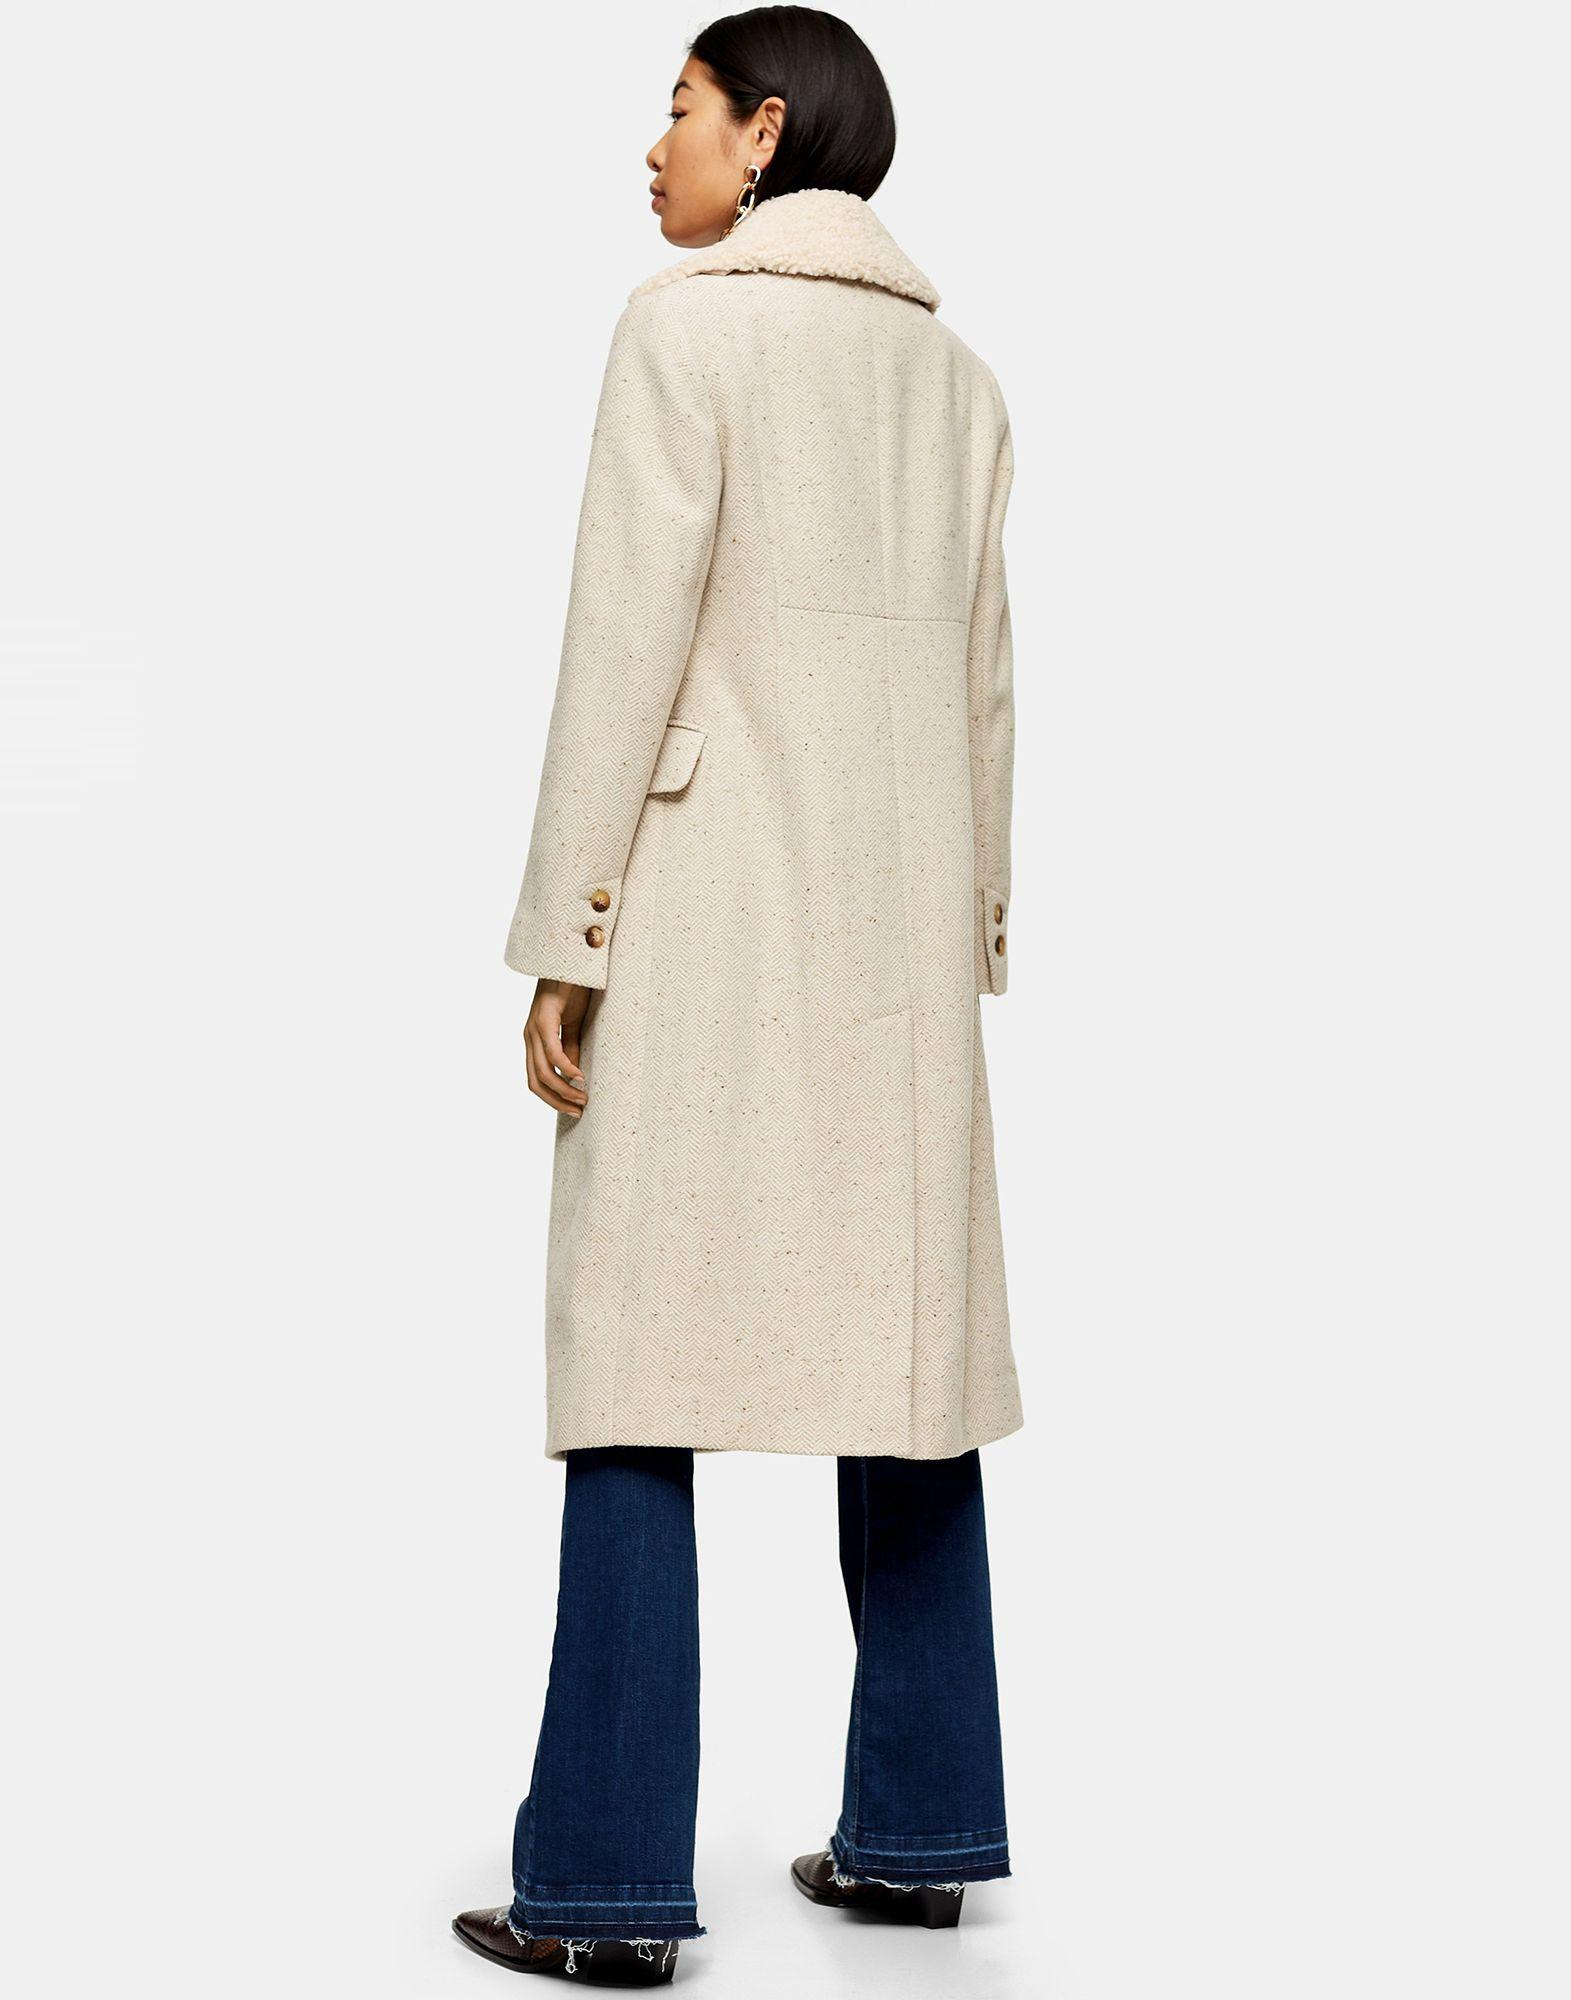 Manteau long Tweed TOPSHOP en coloris Neutre alYoN